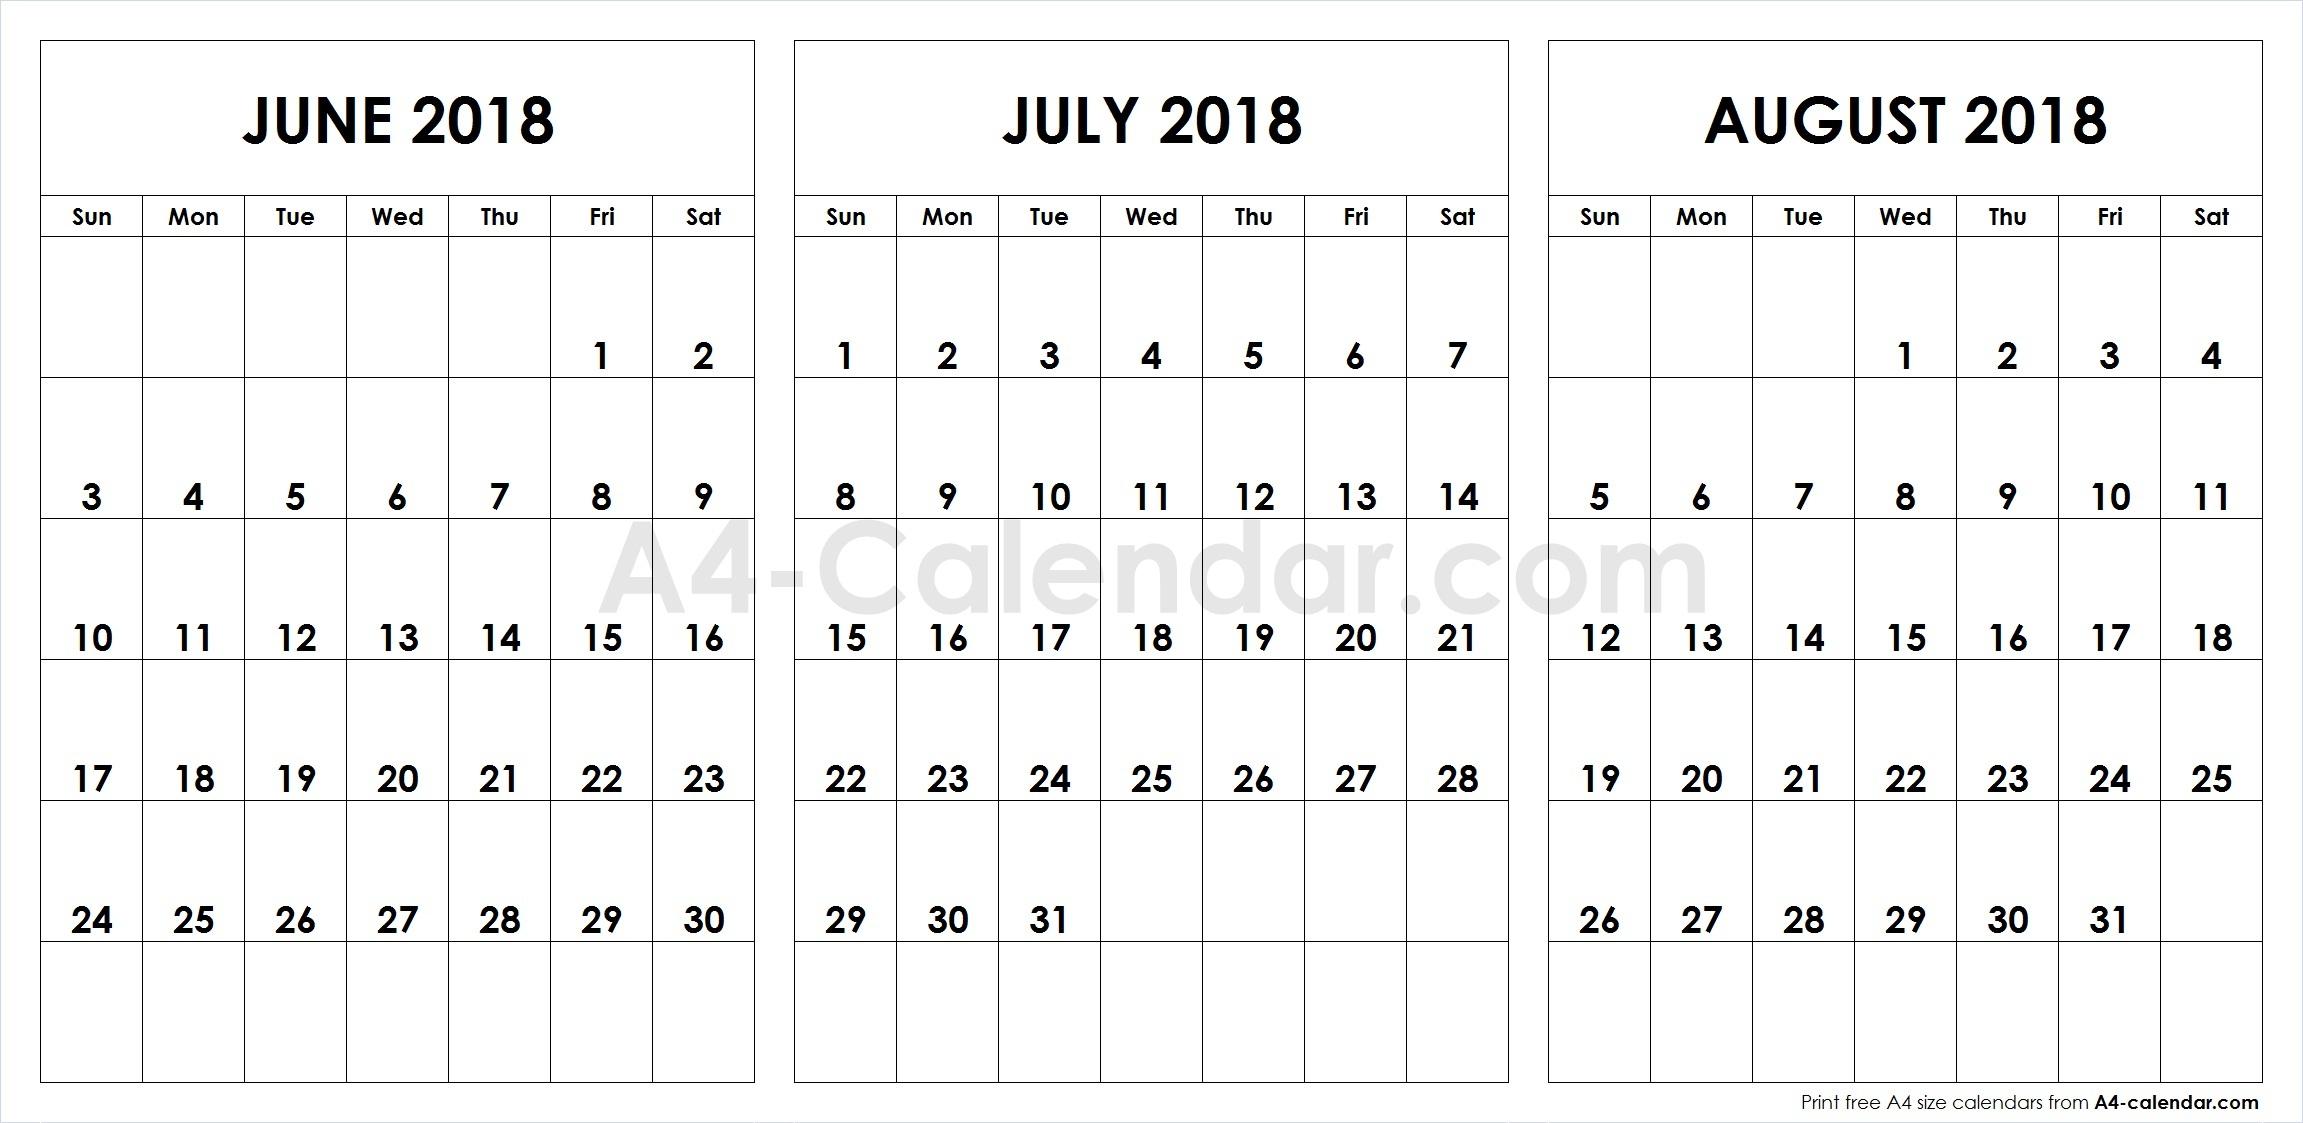 June July August 2018 A4 Calendar | 3 Month Calendar Template throughout Template June July August